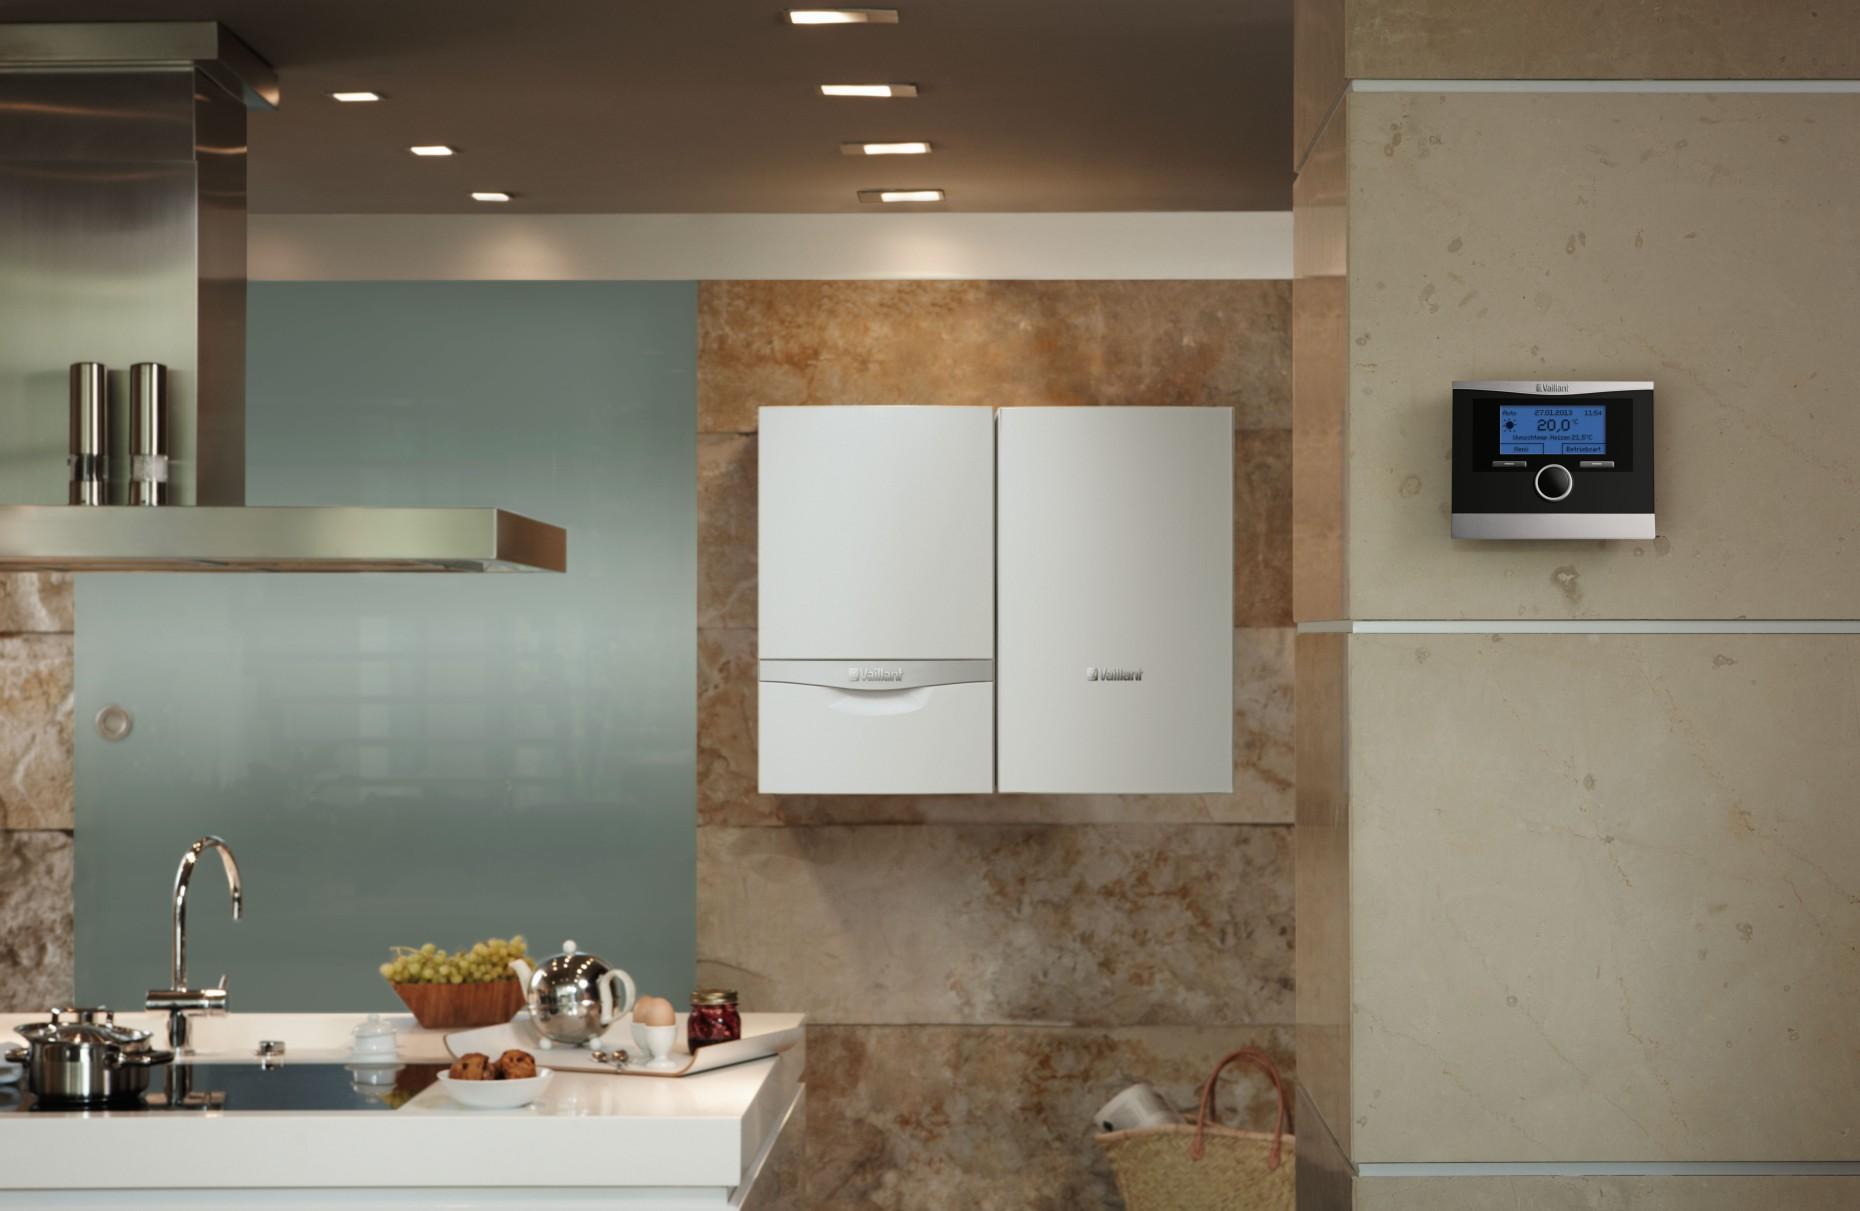 warmwasserspeicher unistor vih q 75 b infos vaillant. Black Bedroom Furniture Sets. Home Design Ideas